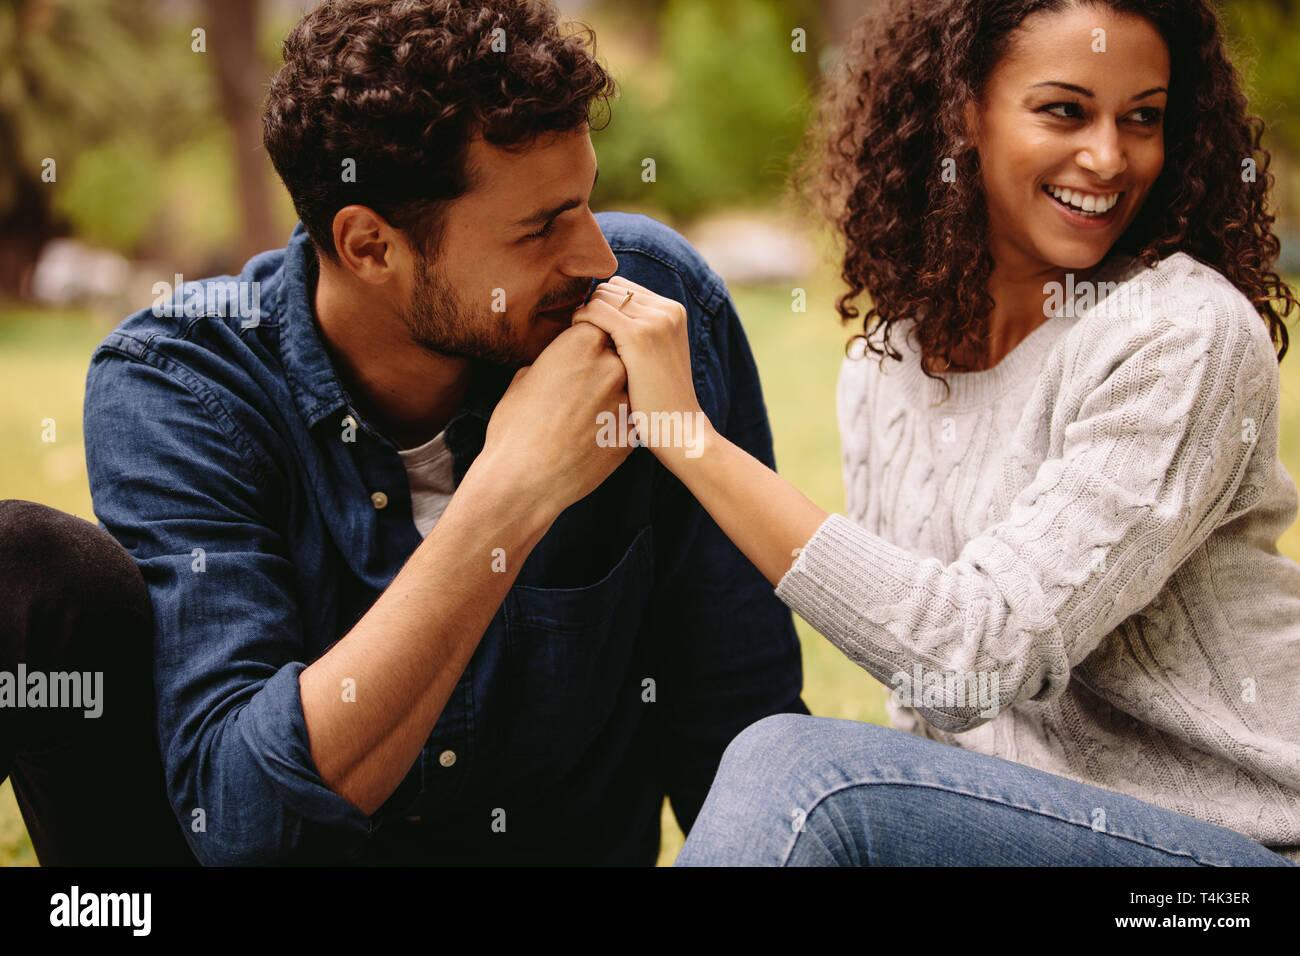 Konto christliches Dating kostenlos löschen